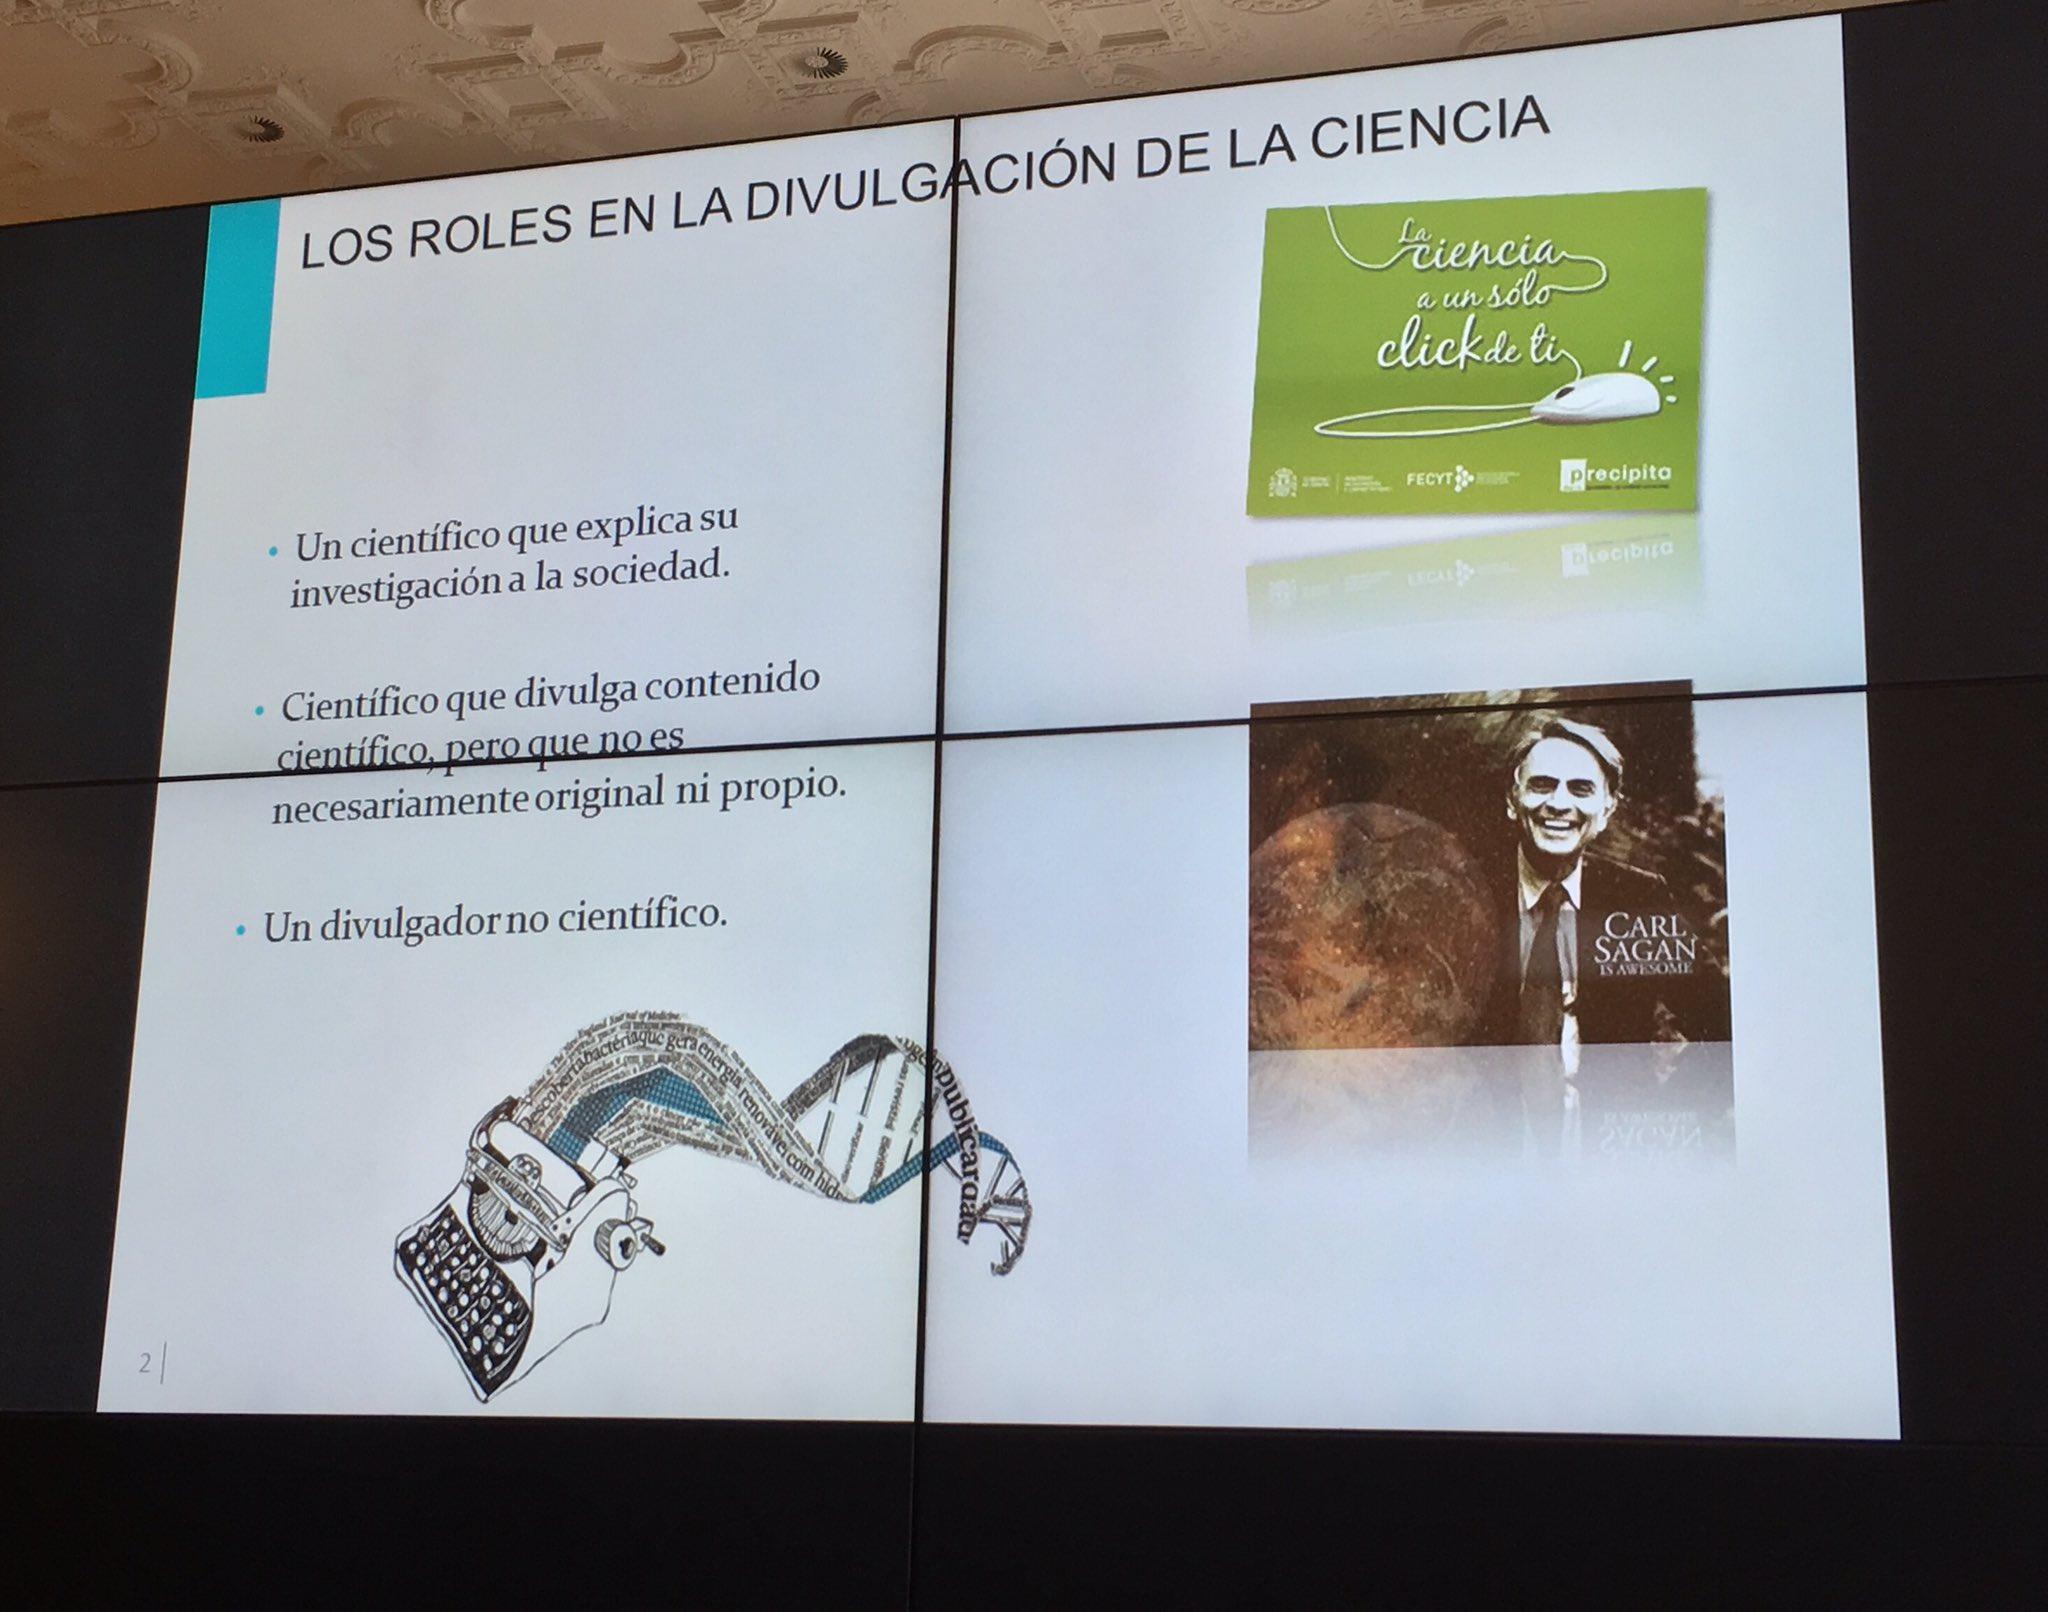 Roles de la #divulgacion de la #Ciencia expone @Nvera68 de @FECYT_Ciencia en #UIMPdivulgaCiencia https://t.co/90QxGnvp0G